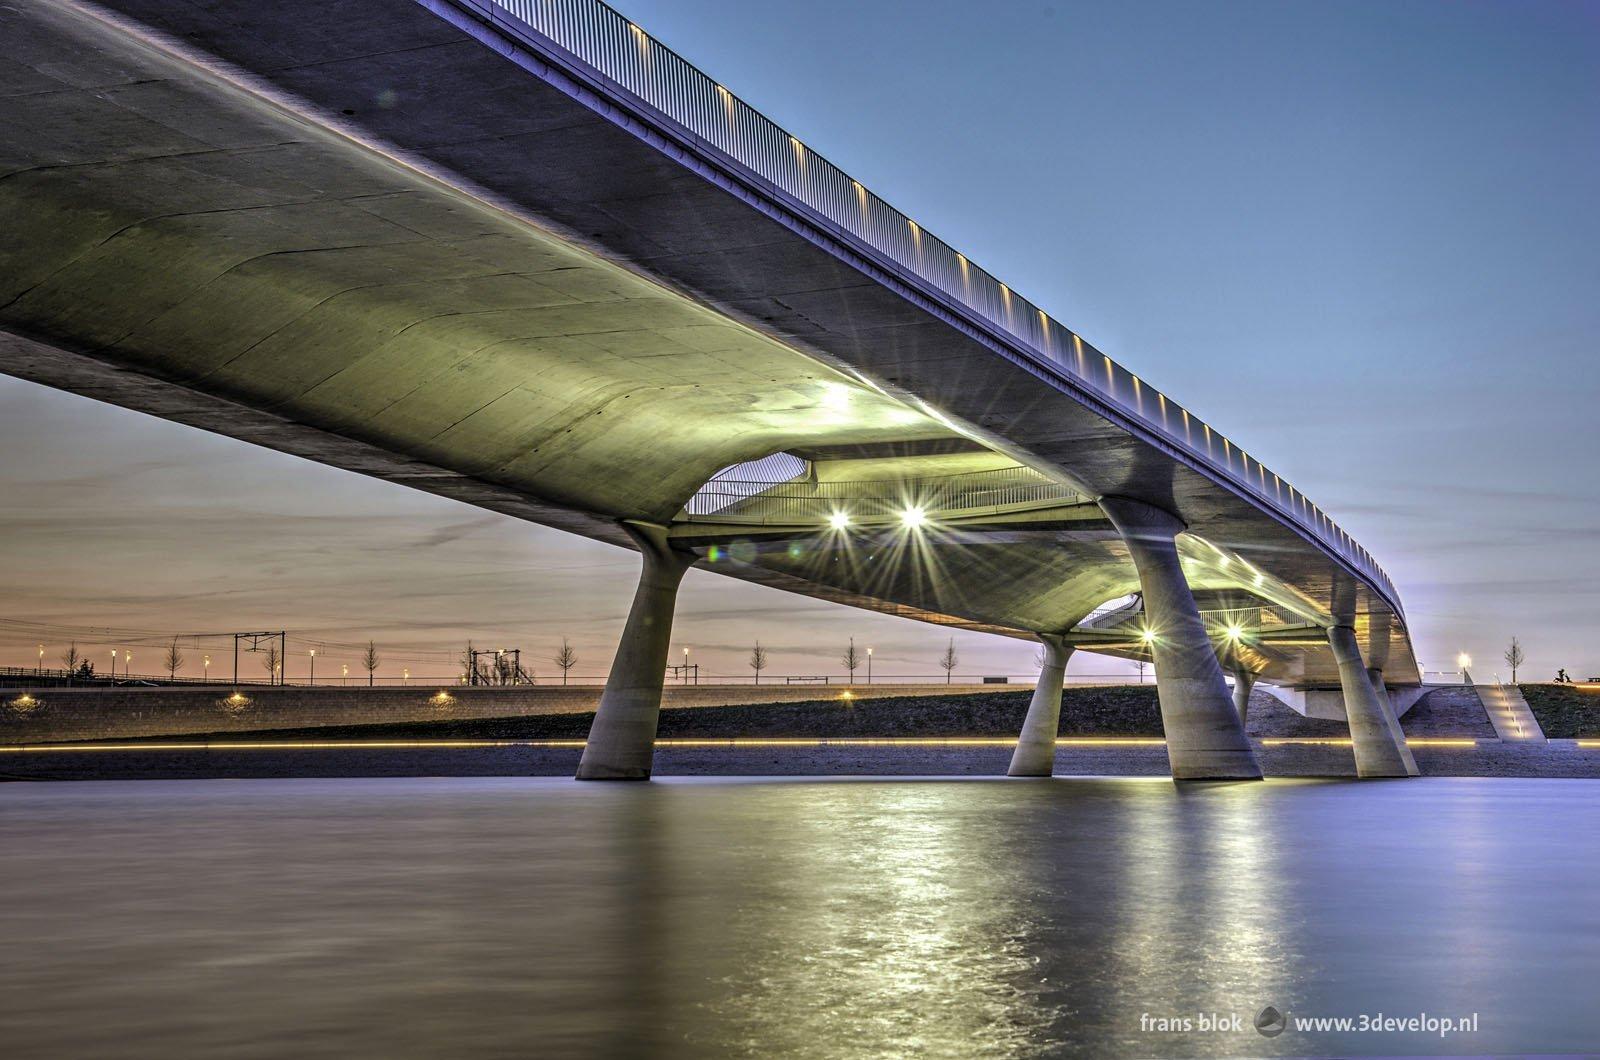 Promenadebrug de Lentloper over de Spiegelwaal bij Nijmegen, gefotografeerd vanaf het eiland Veur-Lent tijdens het blauwe uur